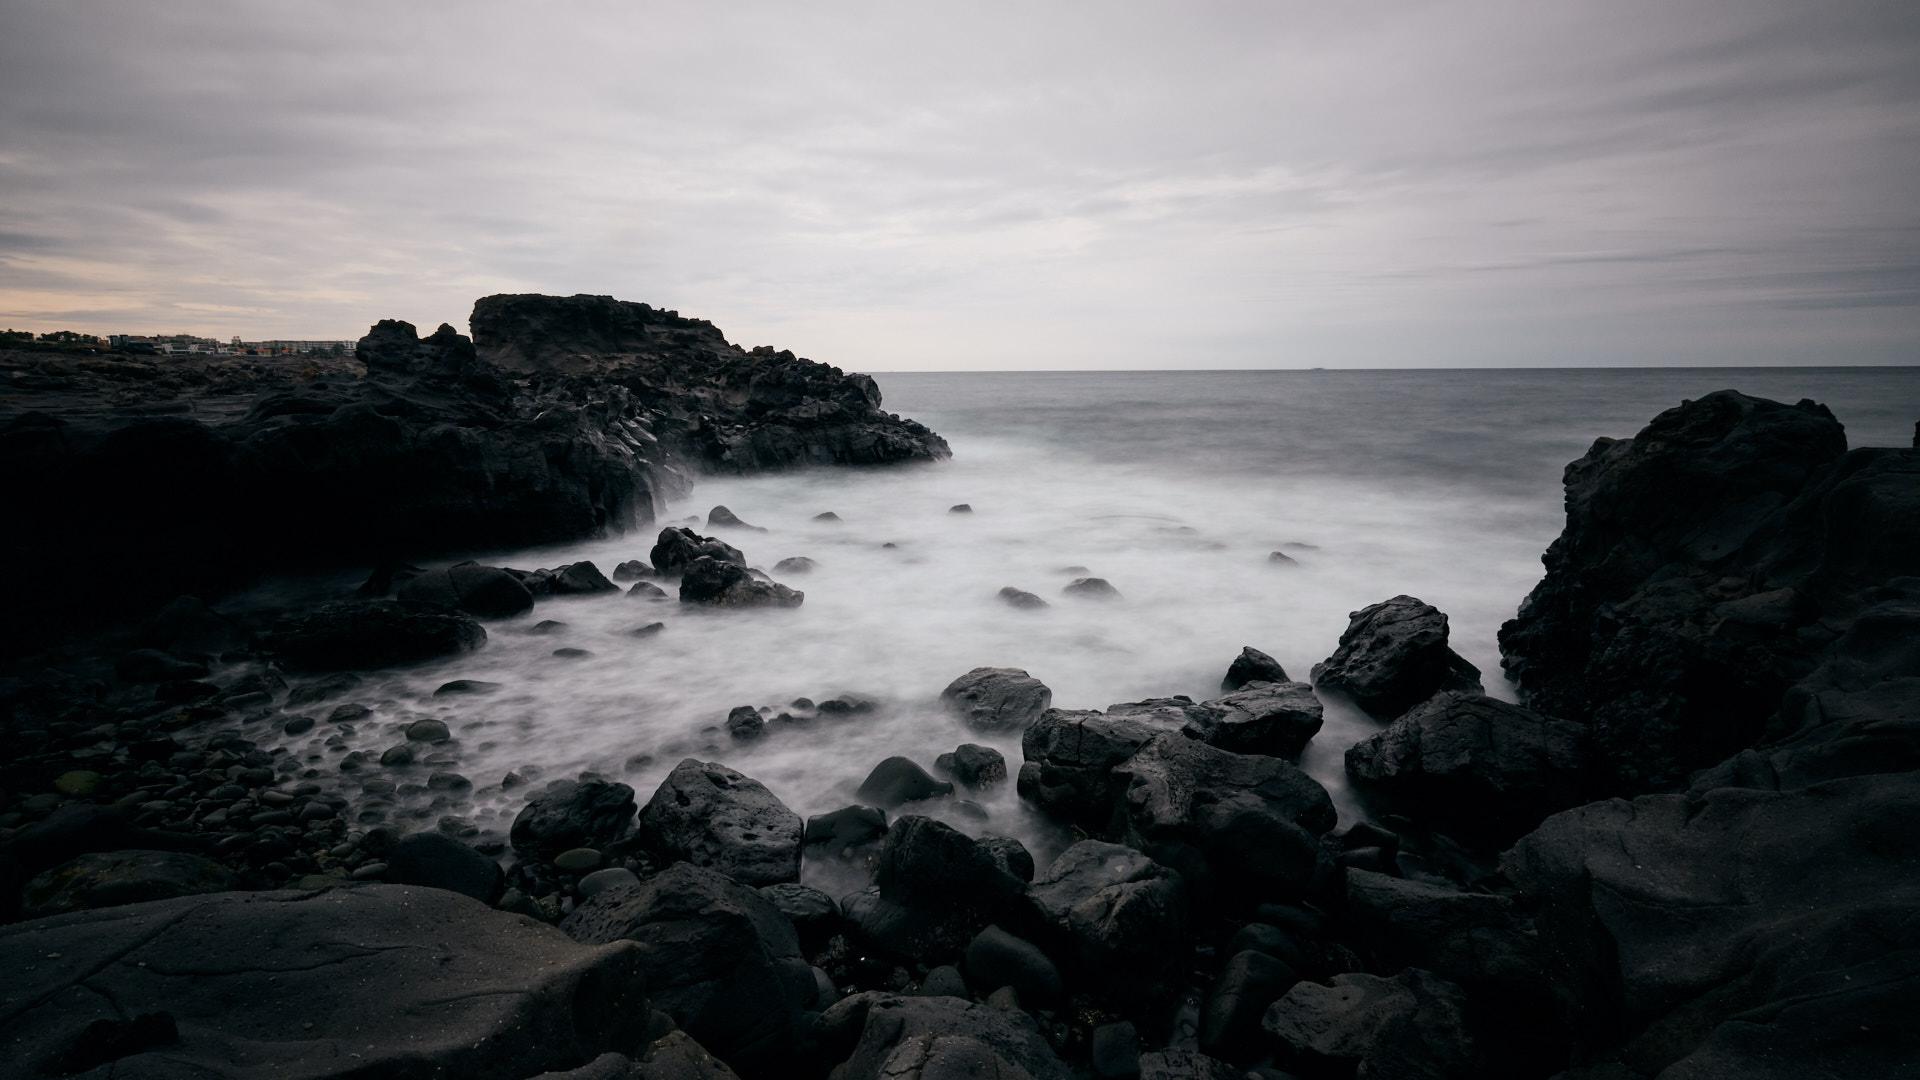 Jeju Island - South Korea - Long Exposure Photography